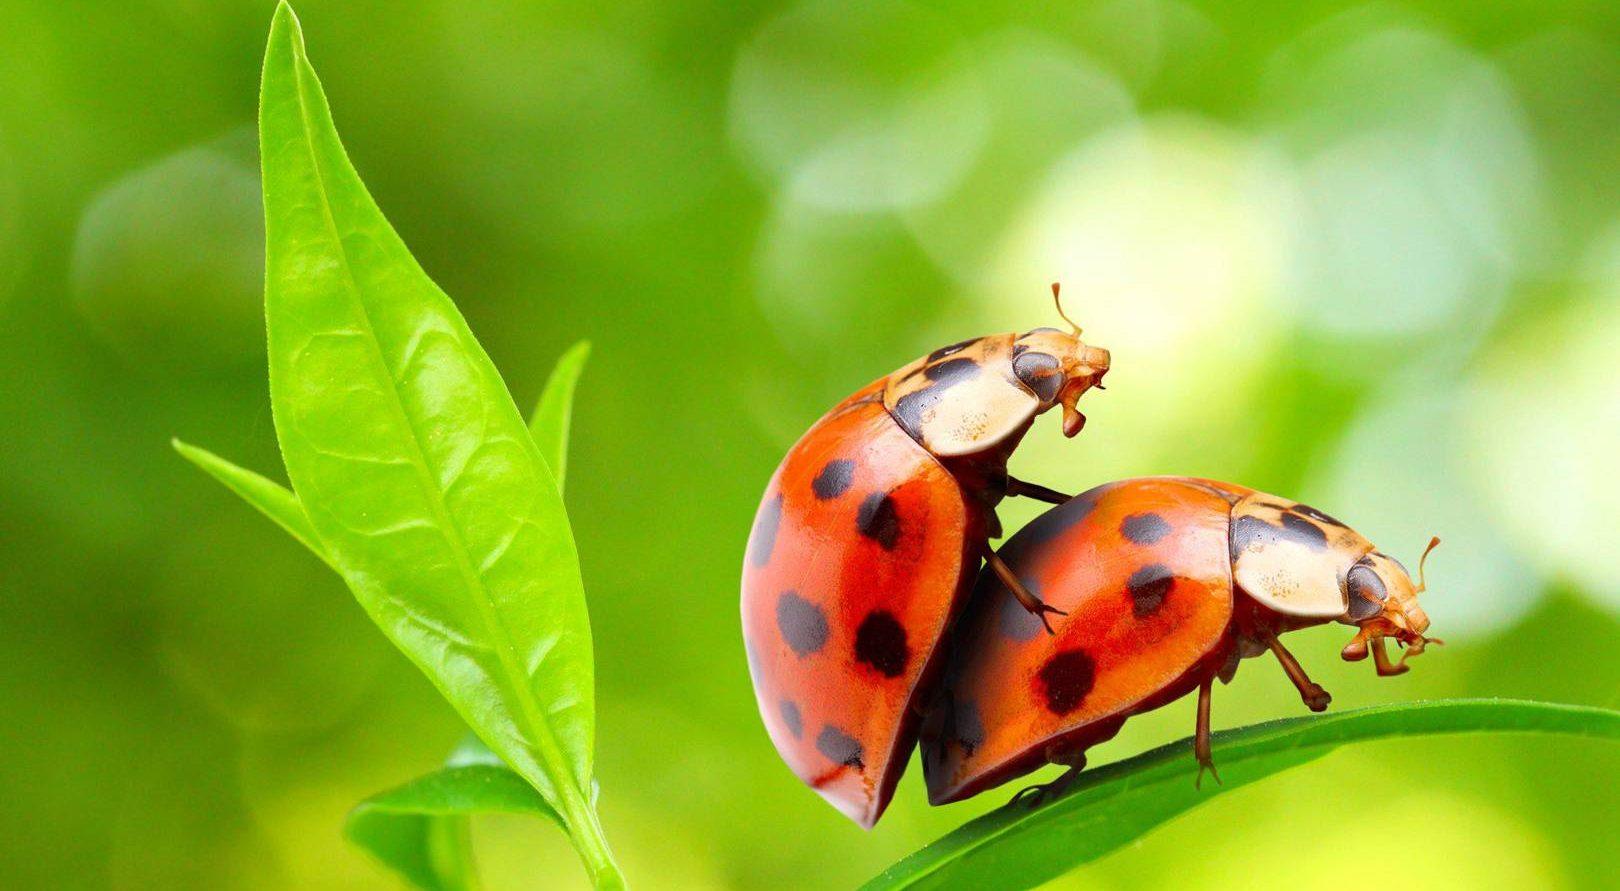 Erkek Böcekler; Eşcinsel Oldukları İçin Değil, Beceriksiz Oldukları İçin Eşcinsel İlişkiye Giriyor!